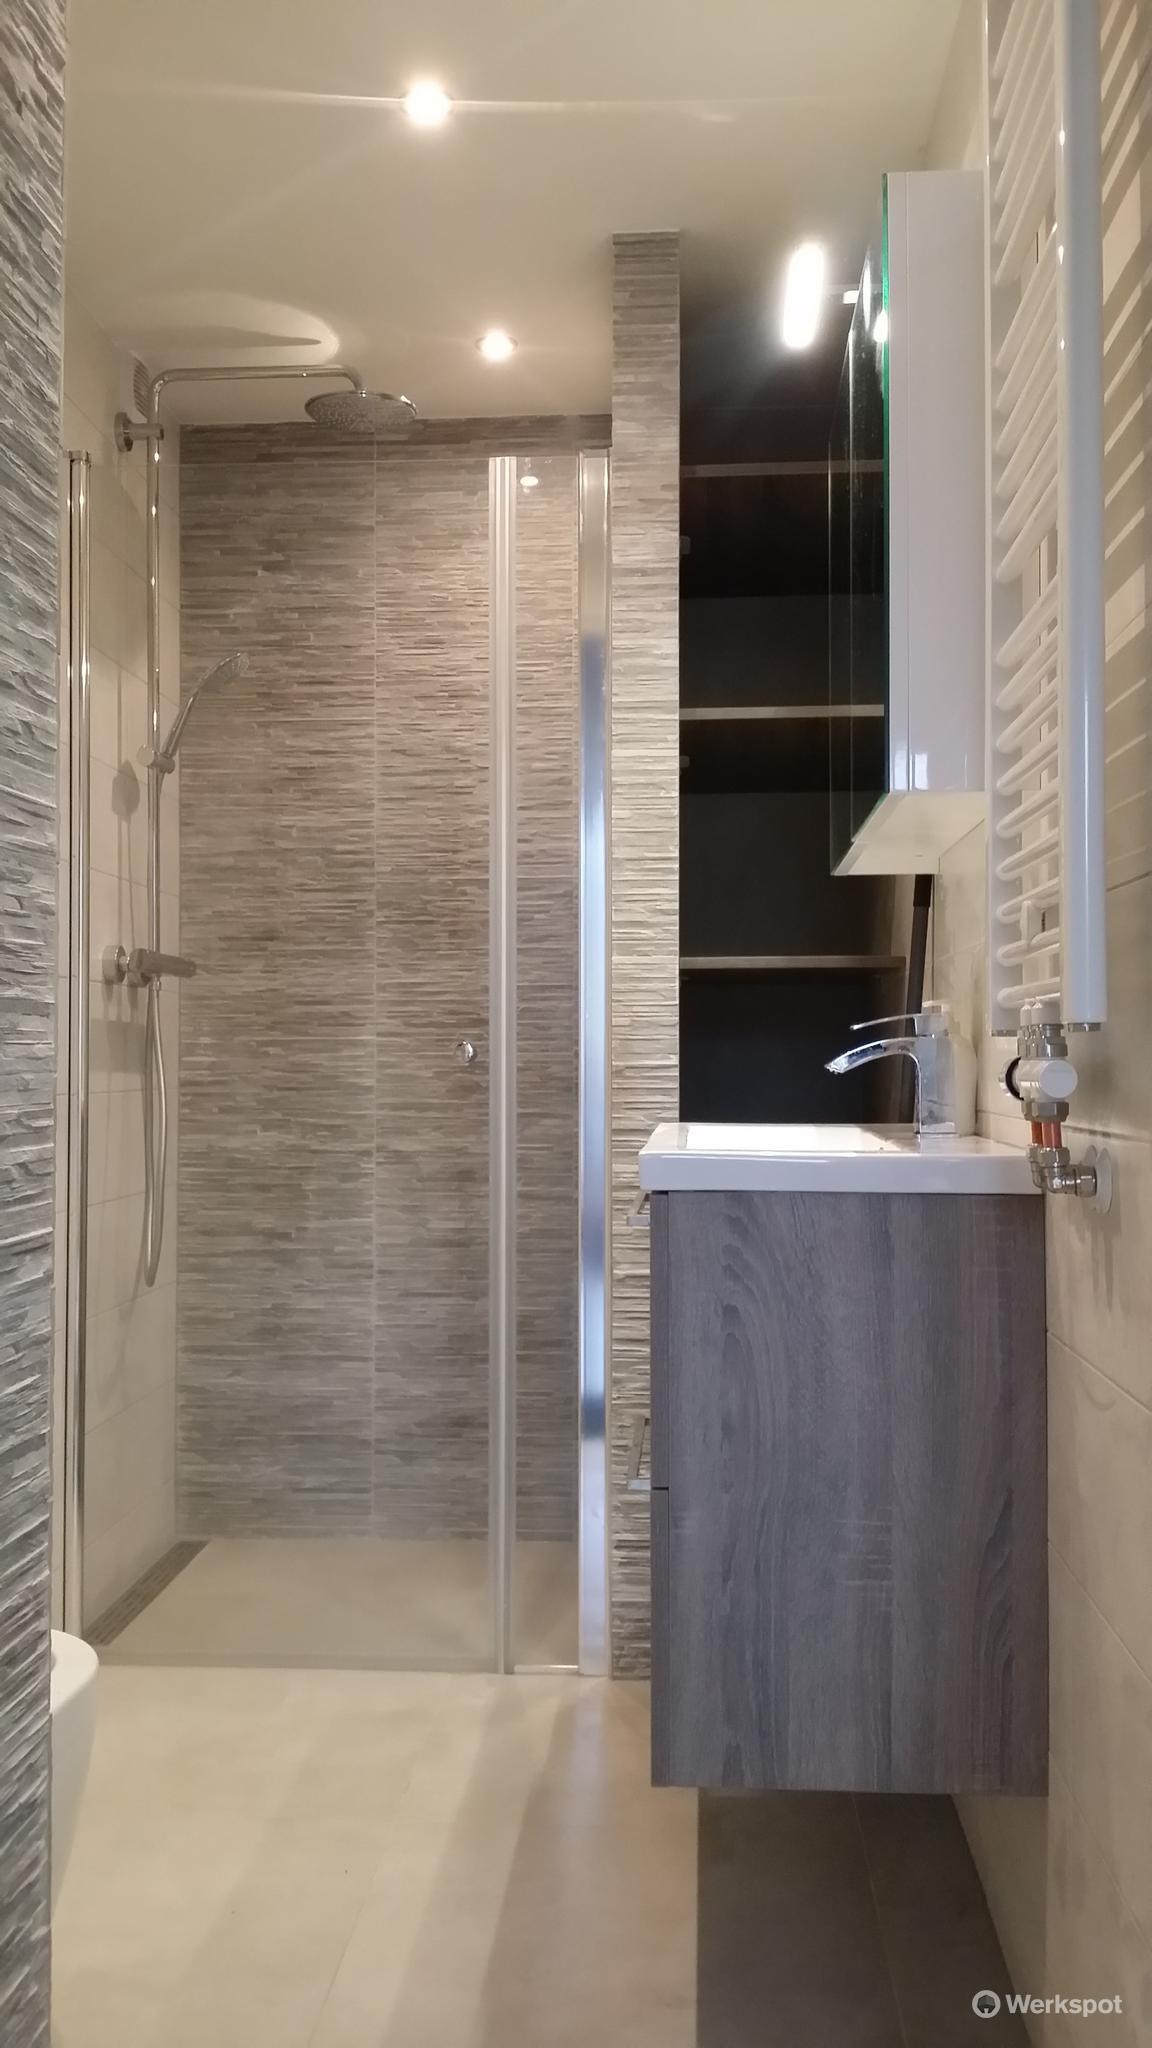 badkamer en toilet renovatie 1 44x2 60 0 9x1 0 werkspot